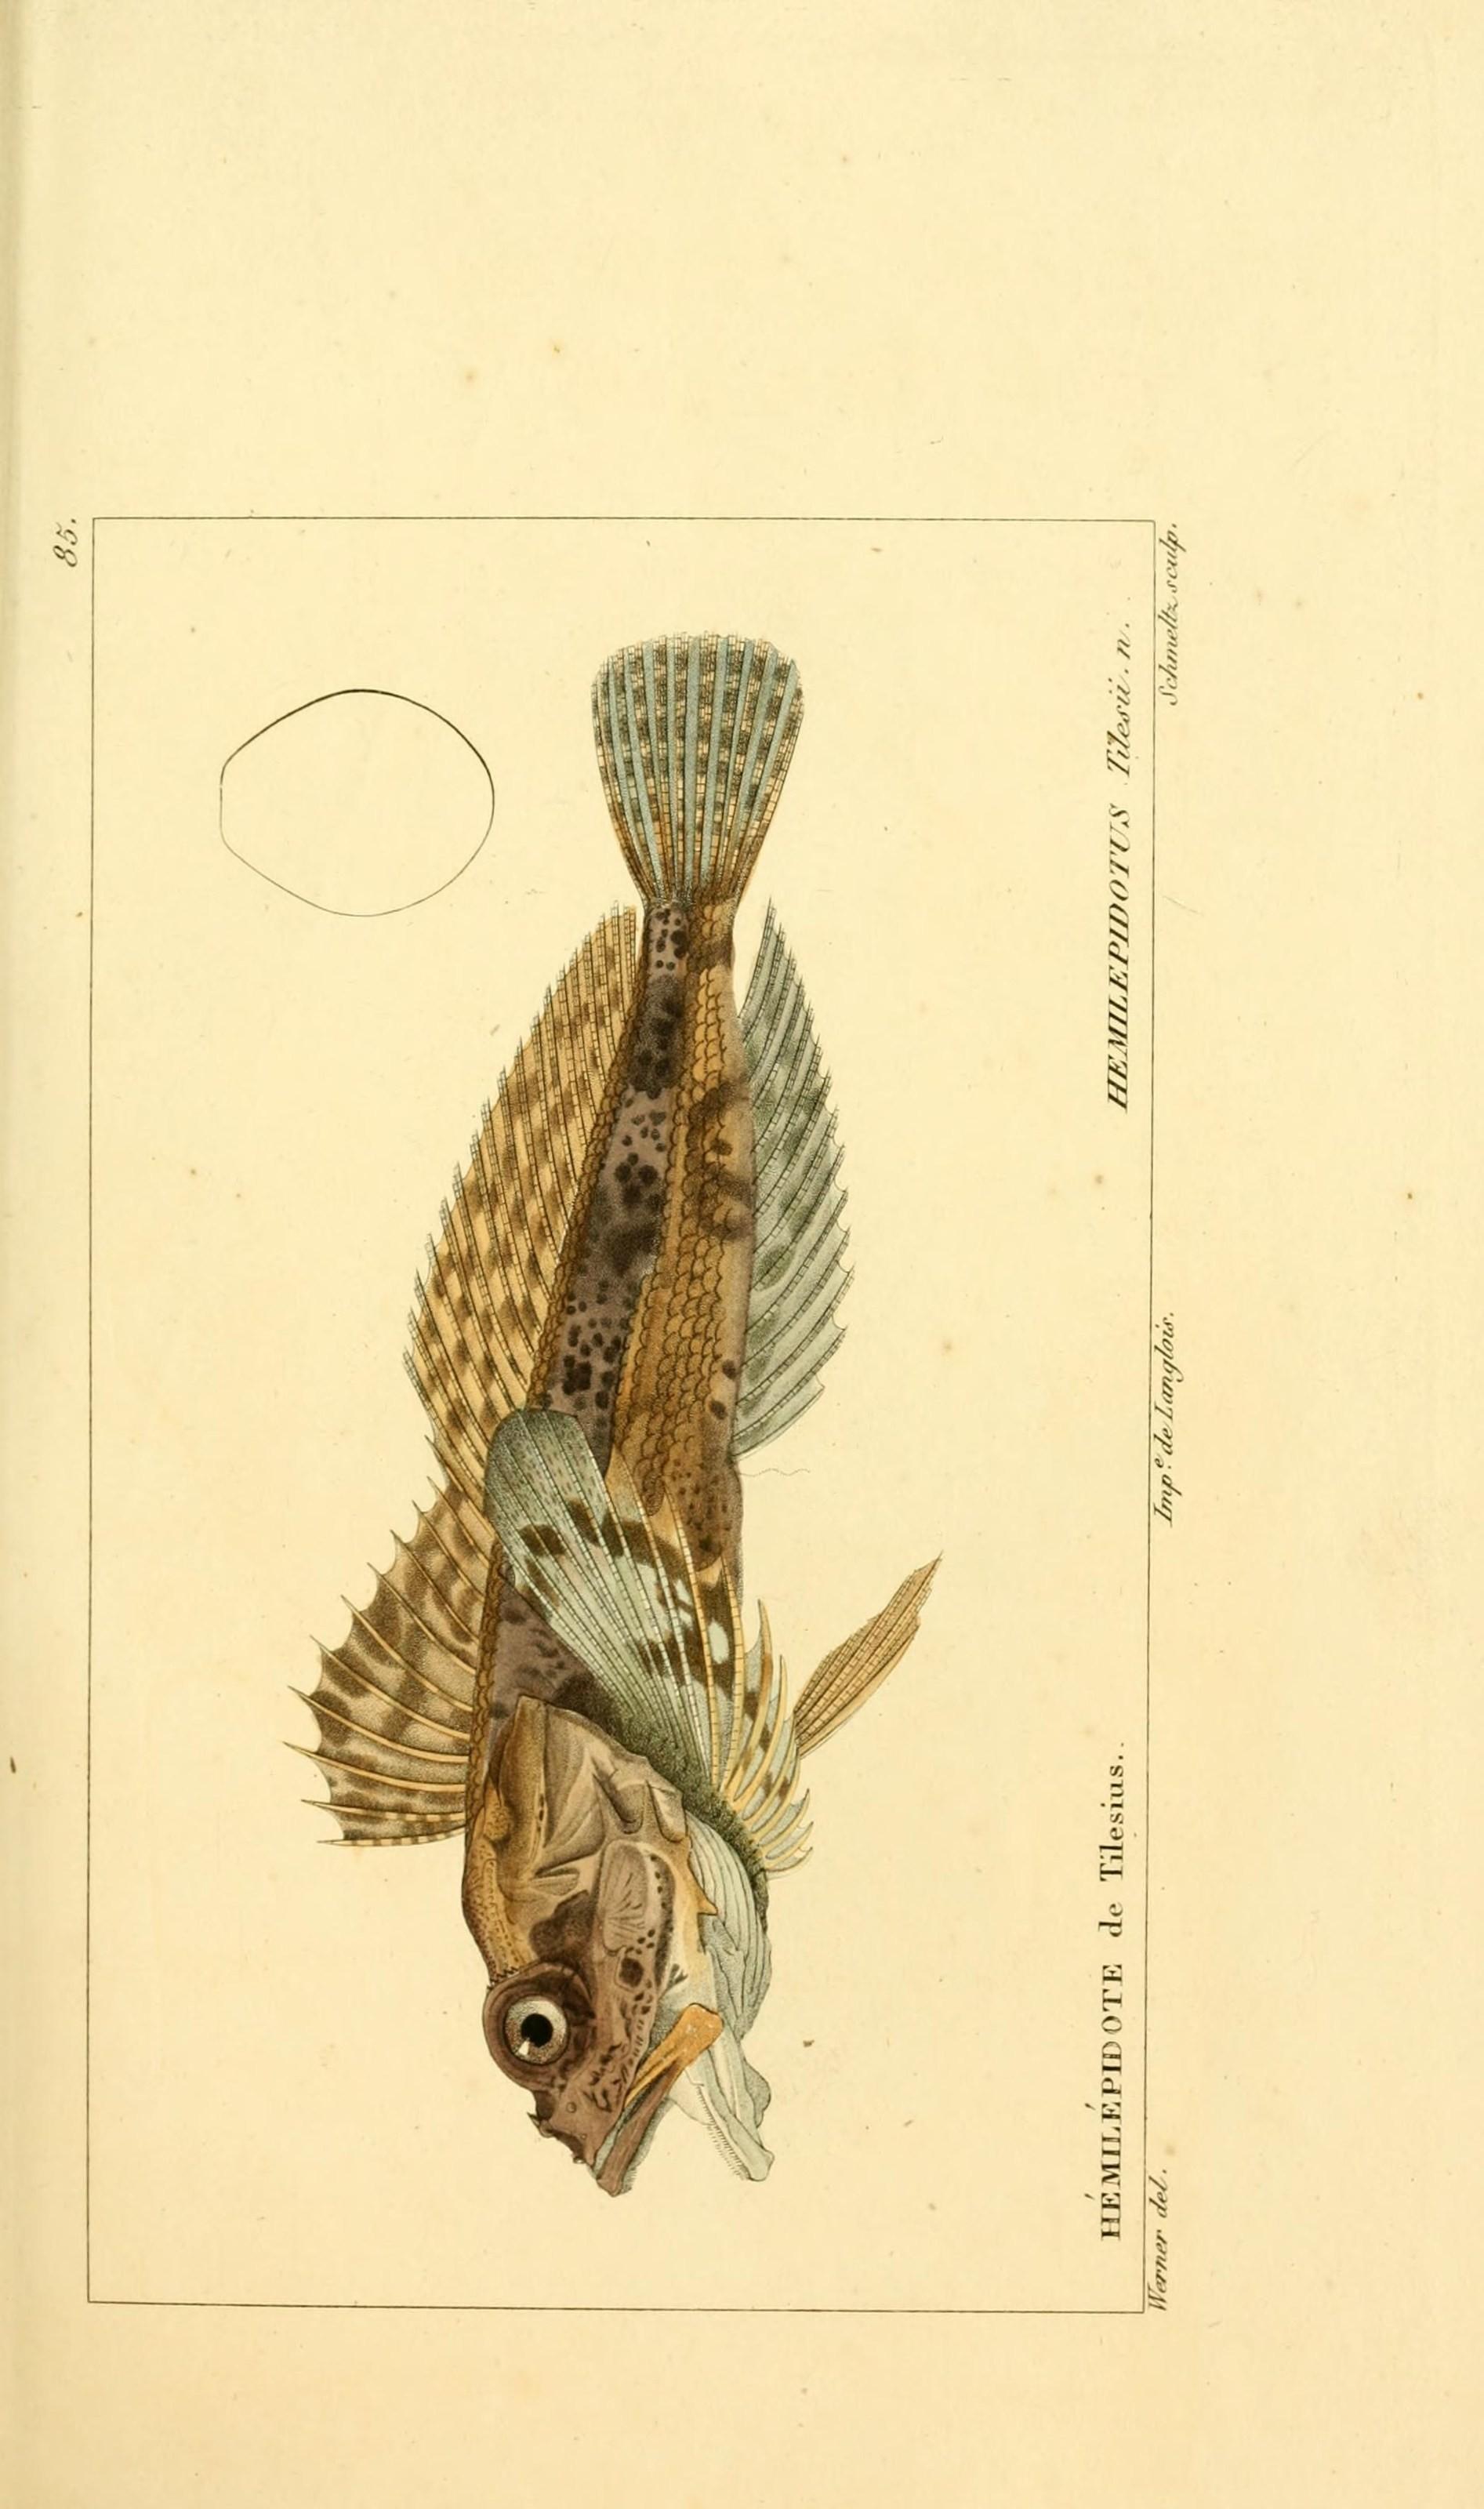 Image of Bullhead